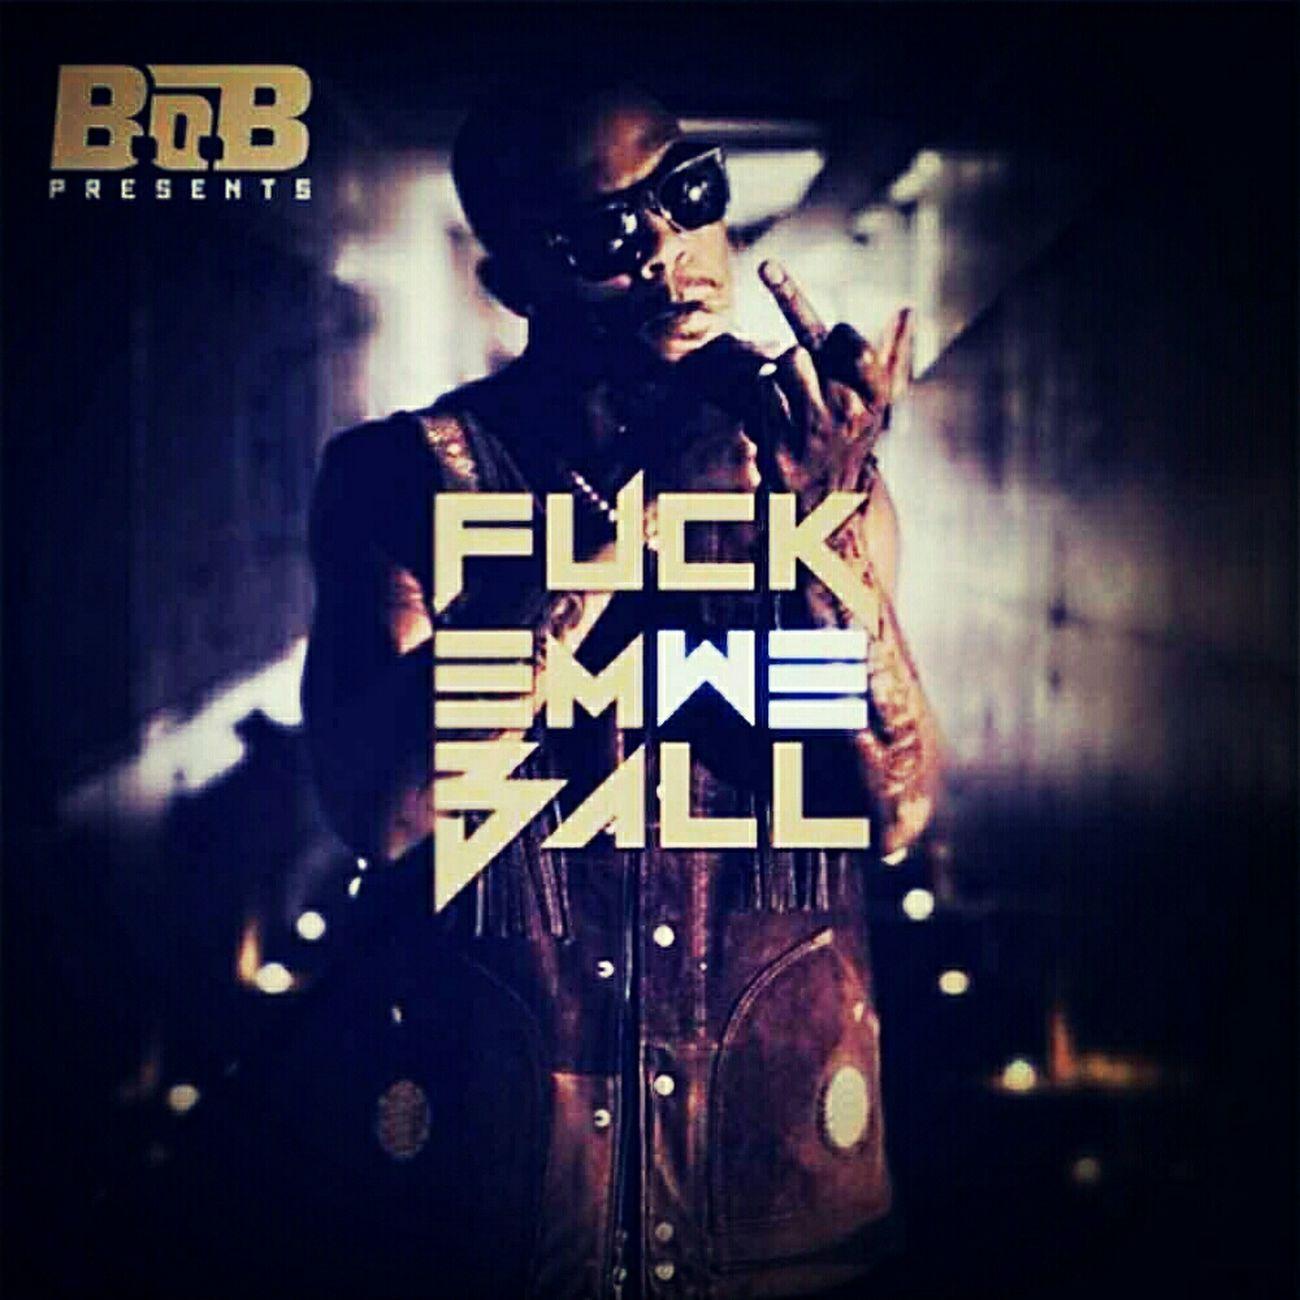 B.o.B go hard